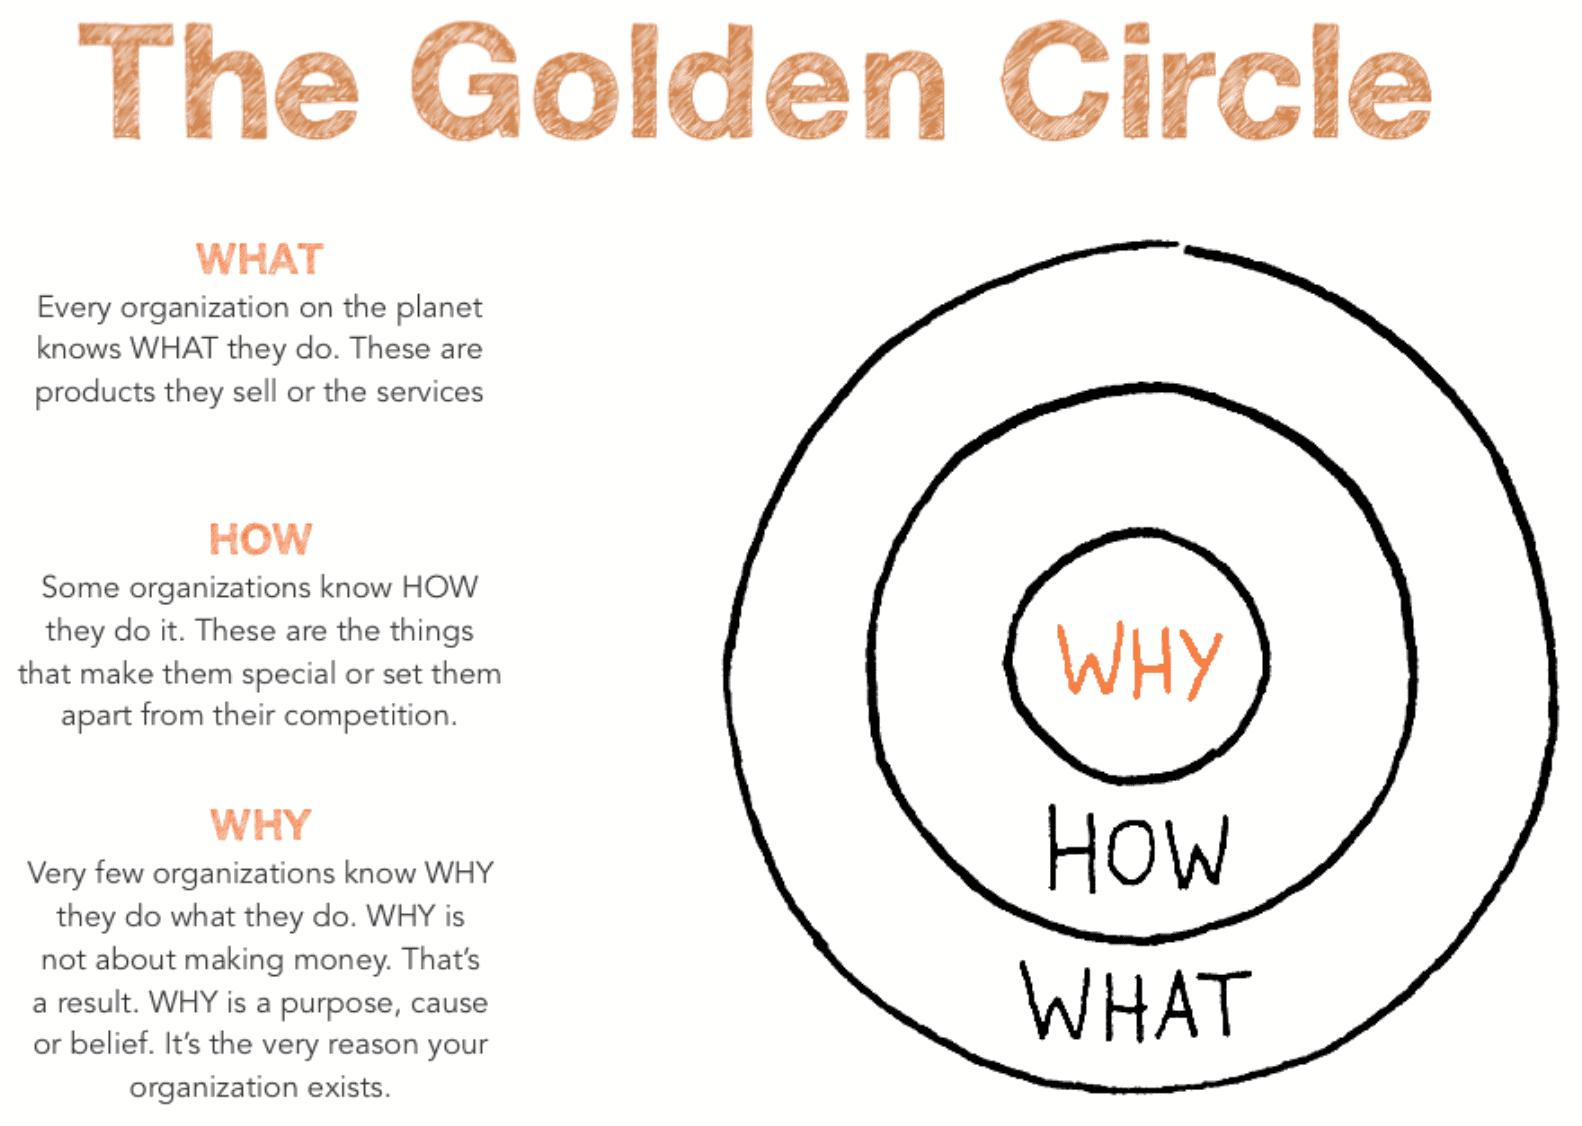 Simon-sinek-golden-circle